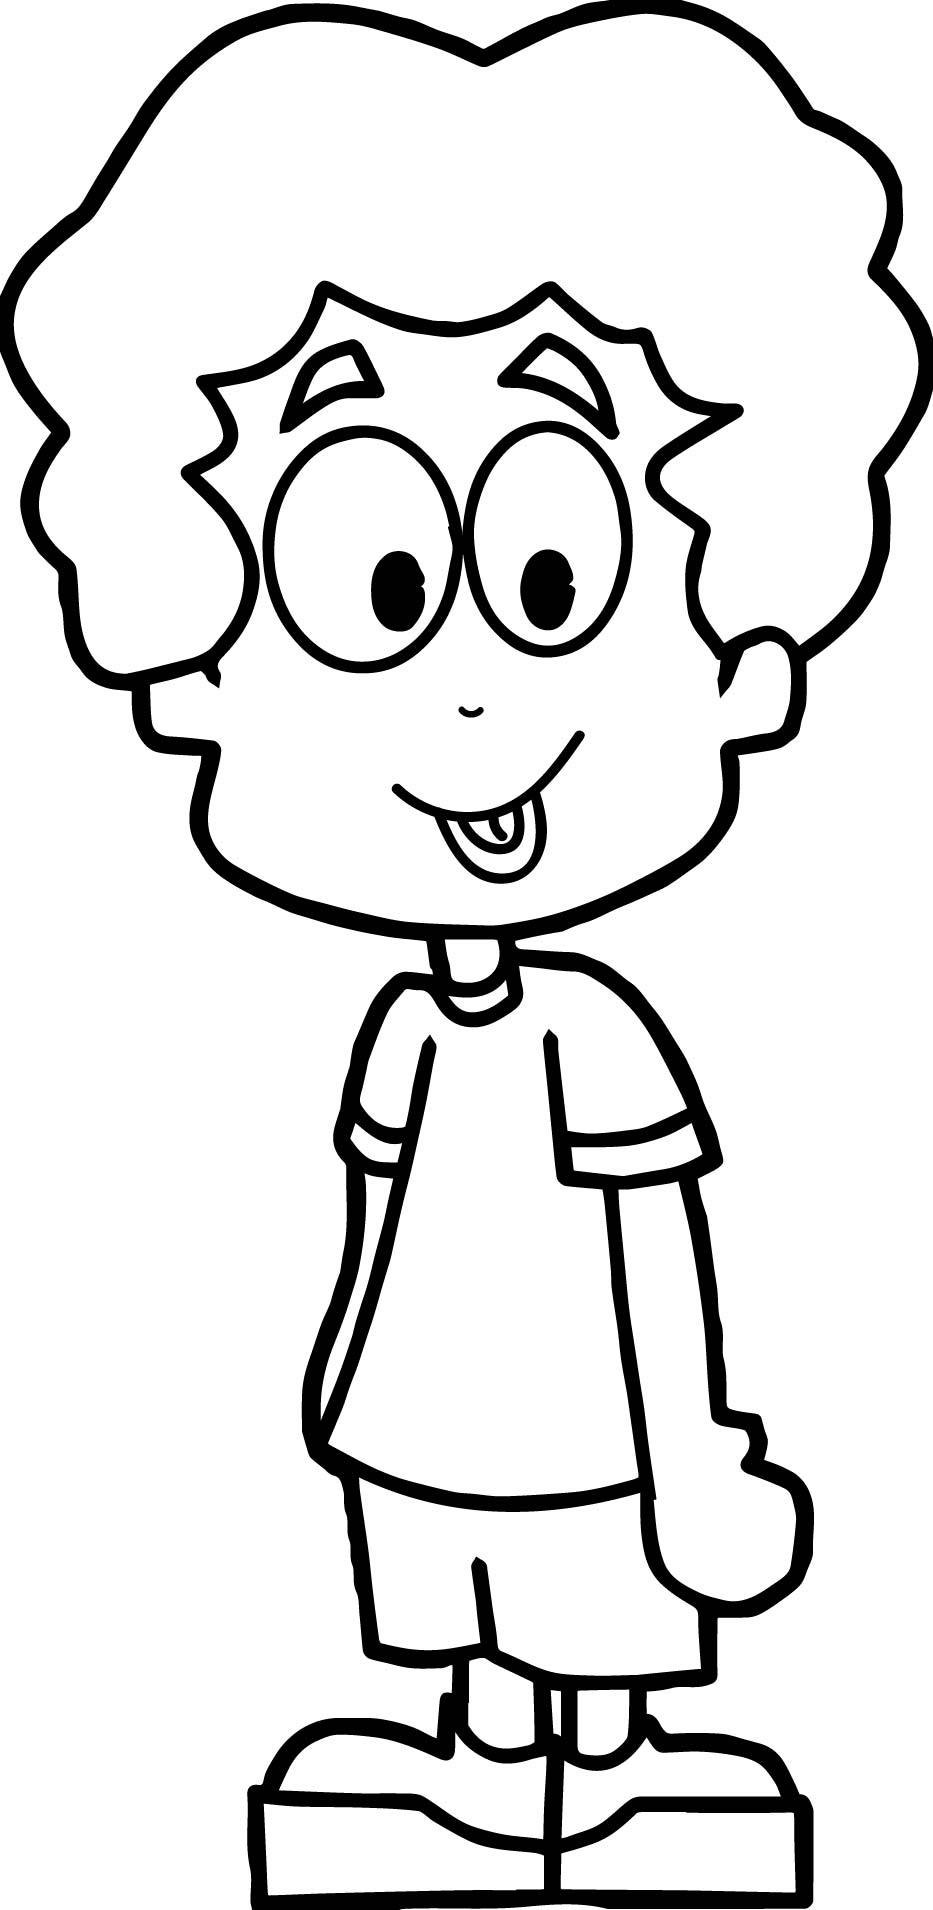 933x1910 Cartoon Boy Coloring Page Wecoloringpage